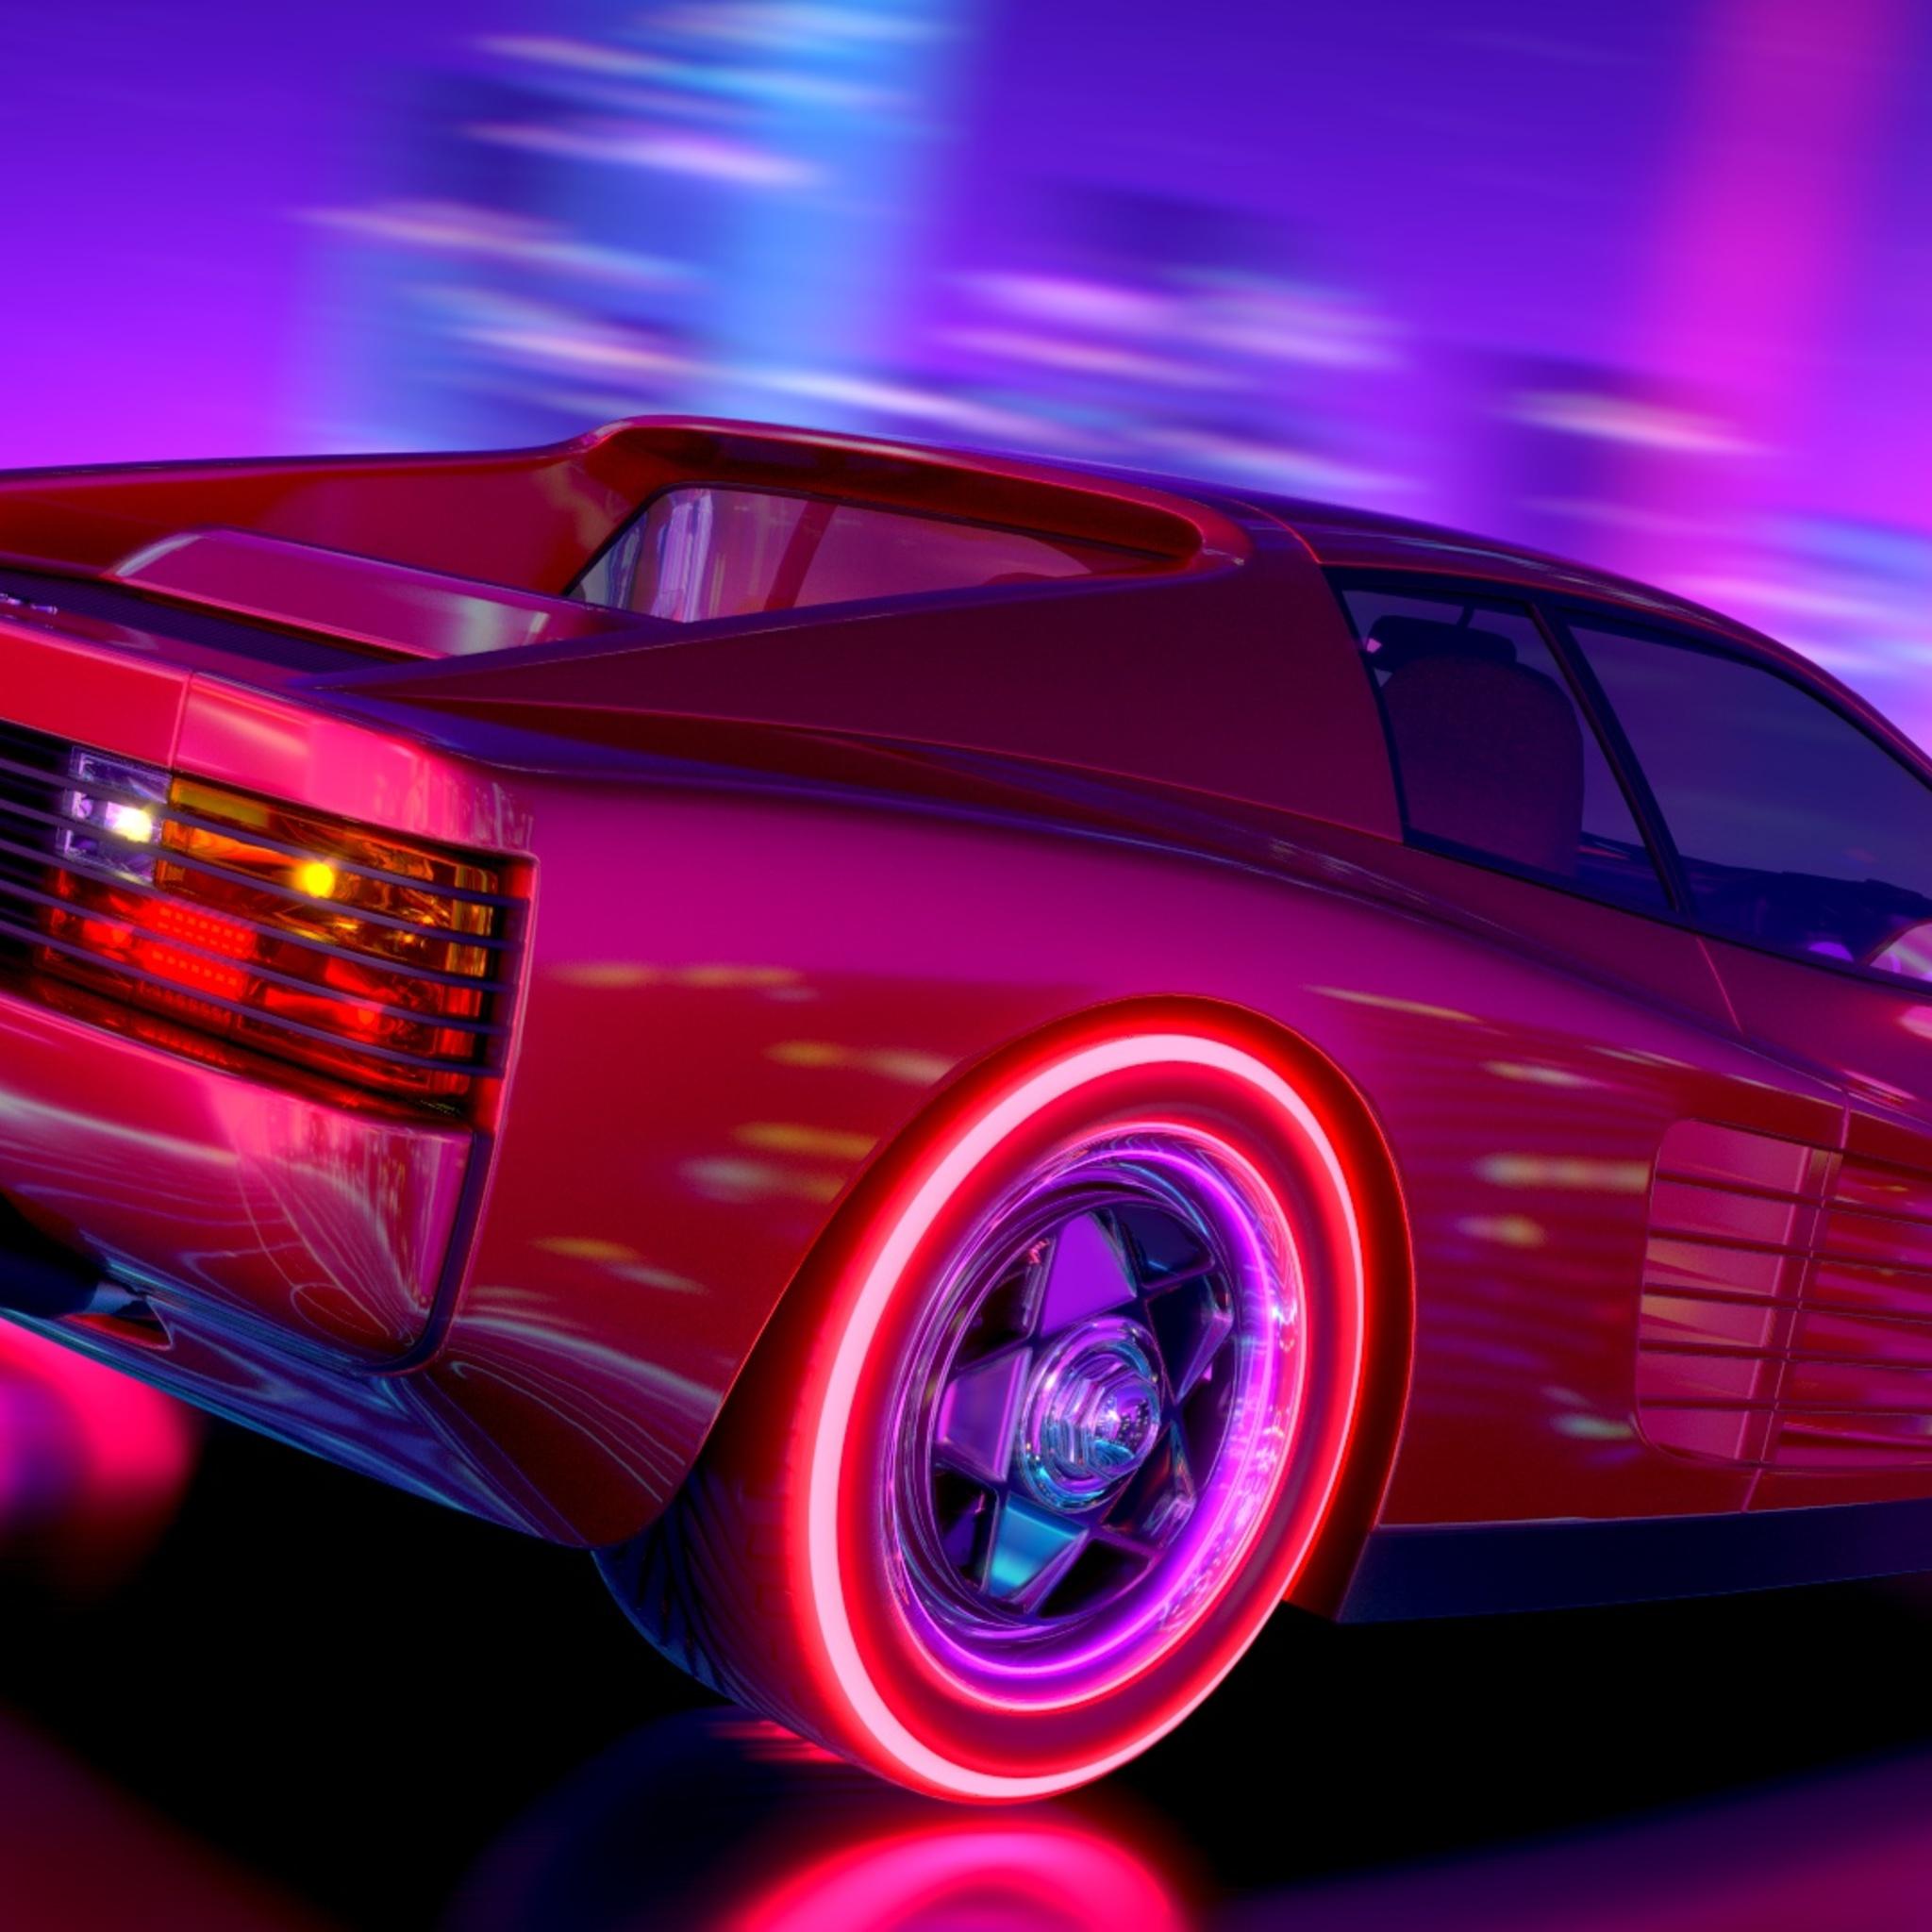 Car Hd Wallpapers 2560x1080: 2048x2048 Ferrari Testarossa Retrowave Ipad Air HD 4k